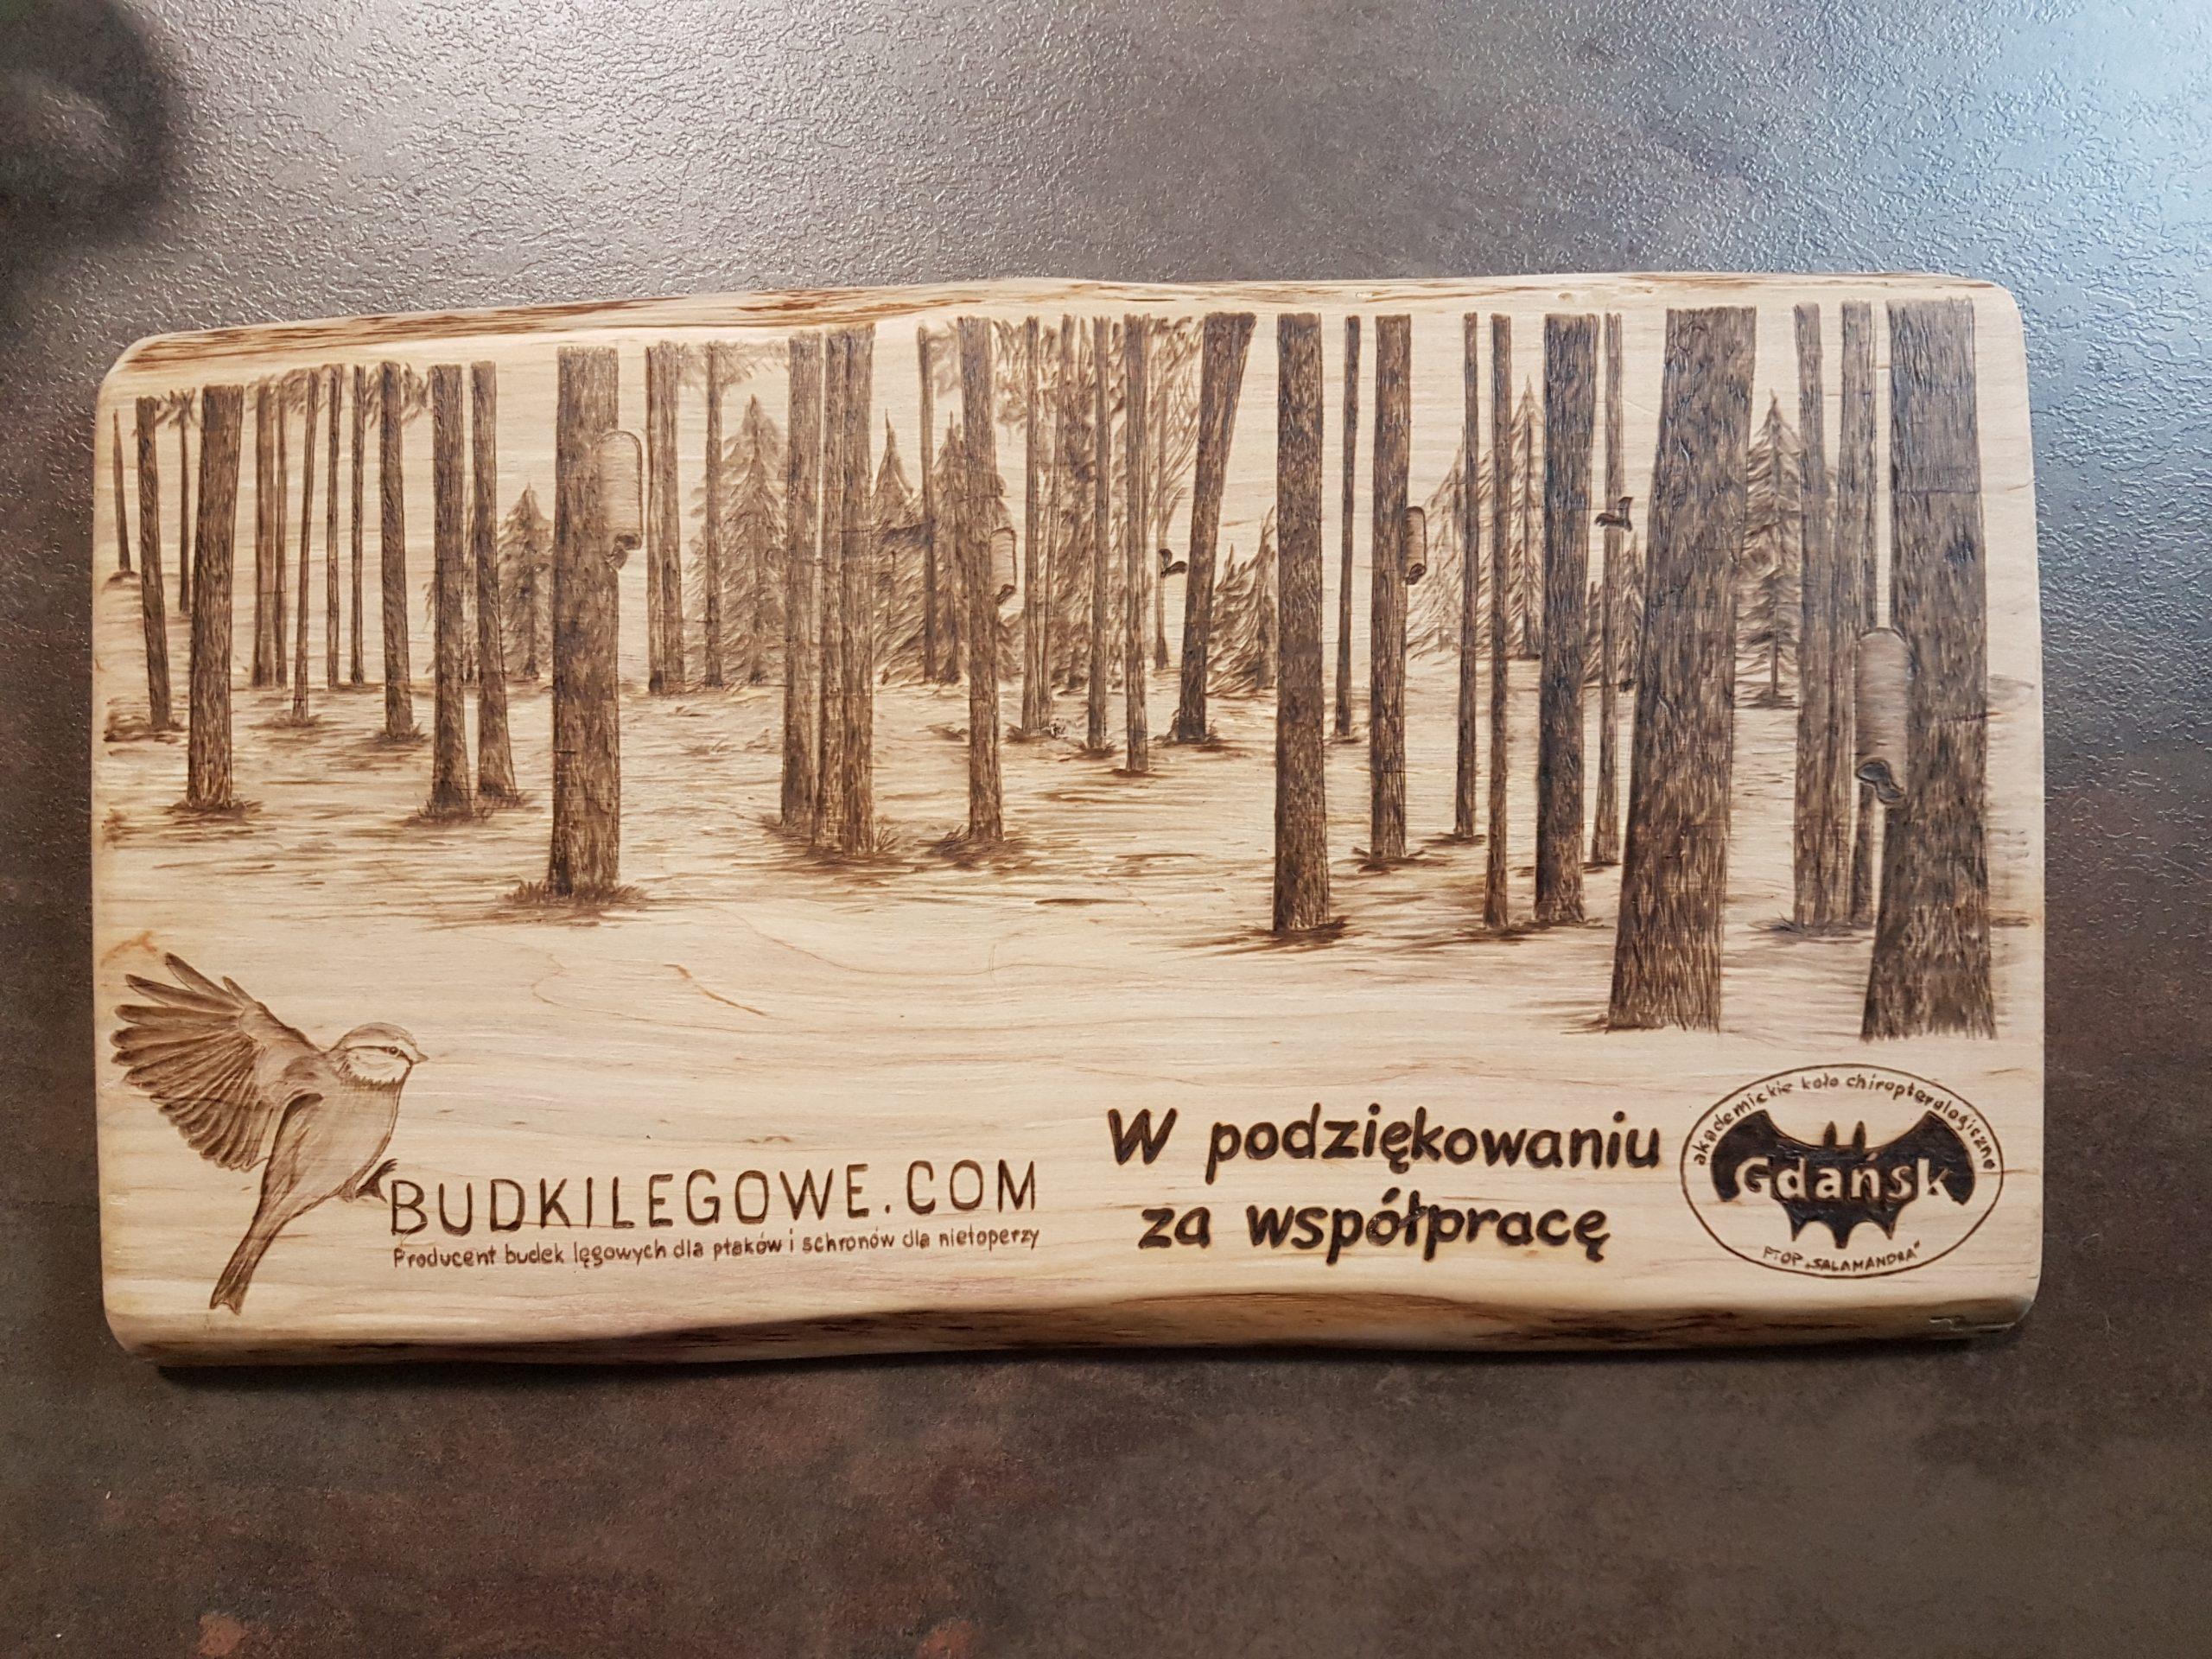 wypalanie w drewnie, sylwia, pirografia, janczyszyn, pyrography, handmade, rękodzieło, pomysł na prezent, budki lęgowe, las